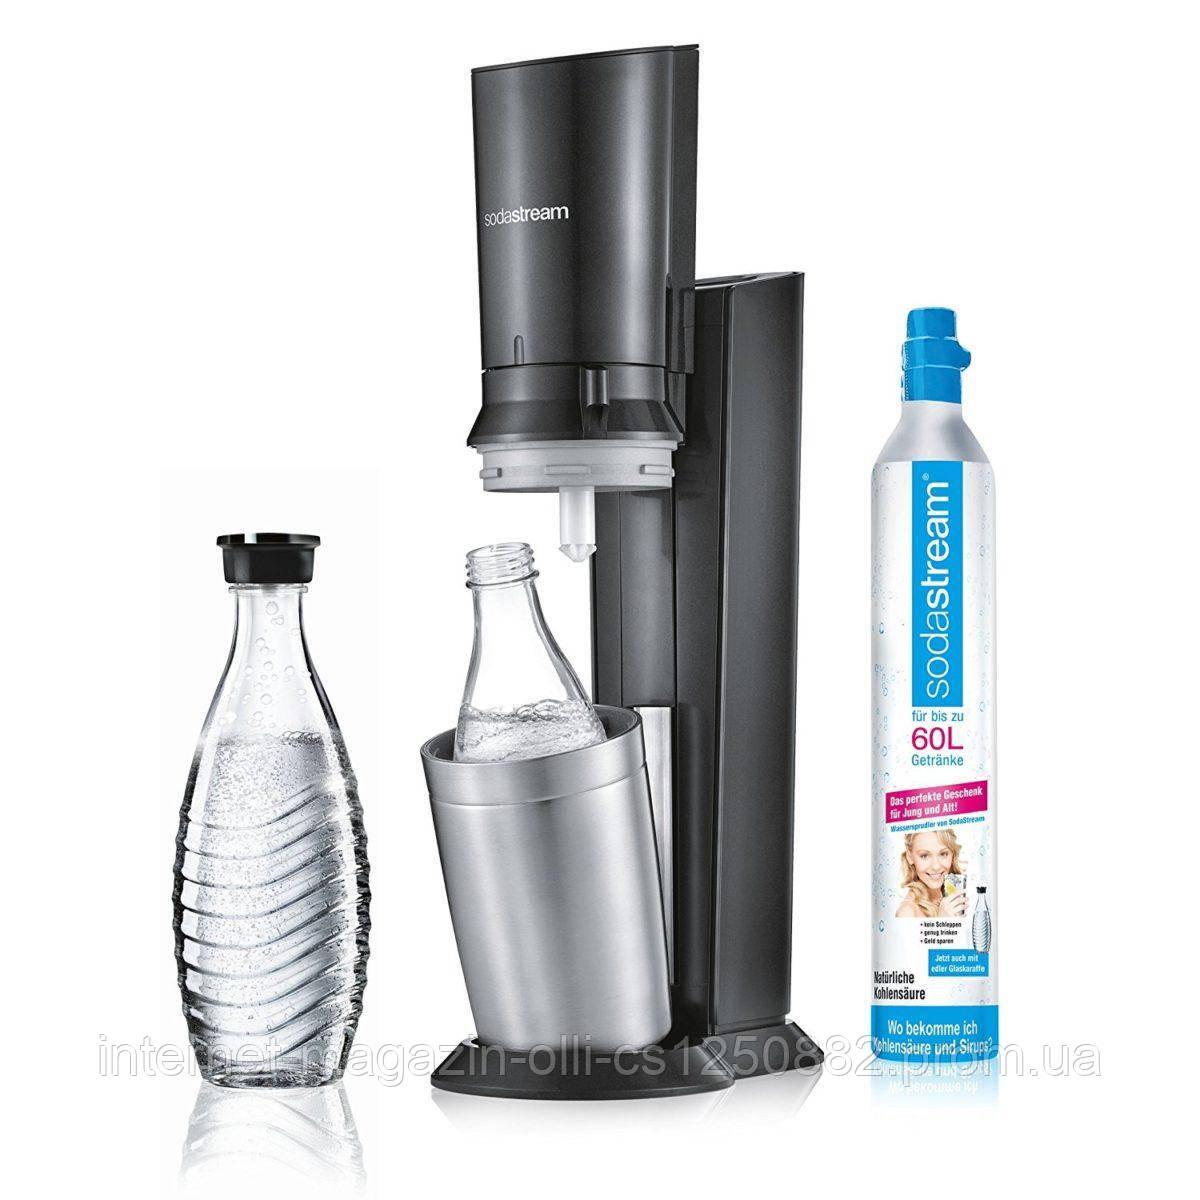 Газификатор воды Sodastream Crystal